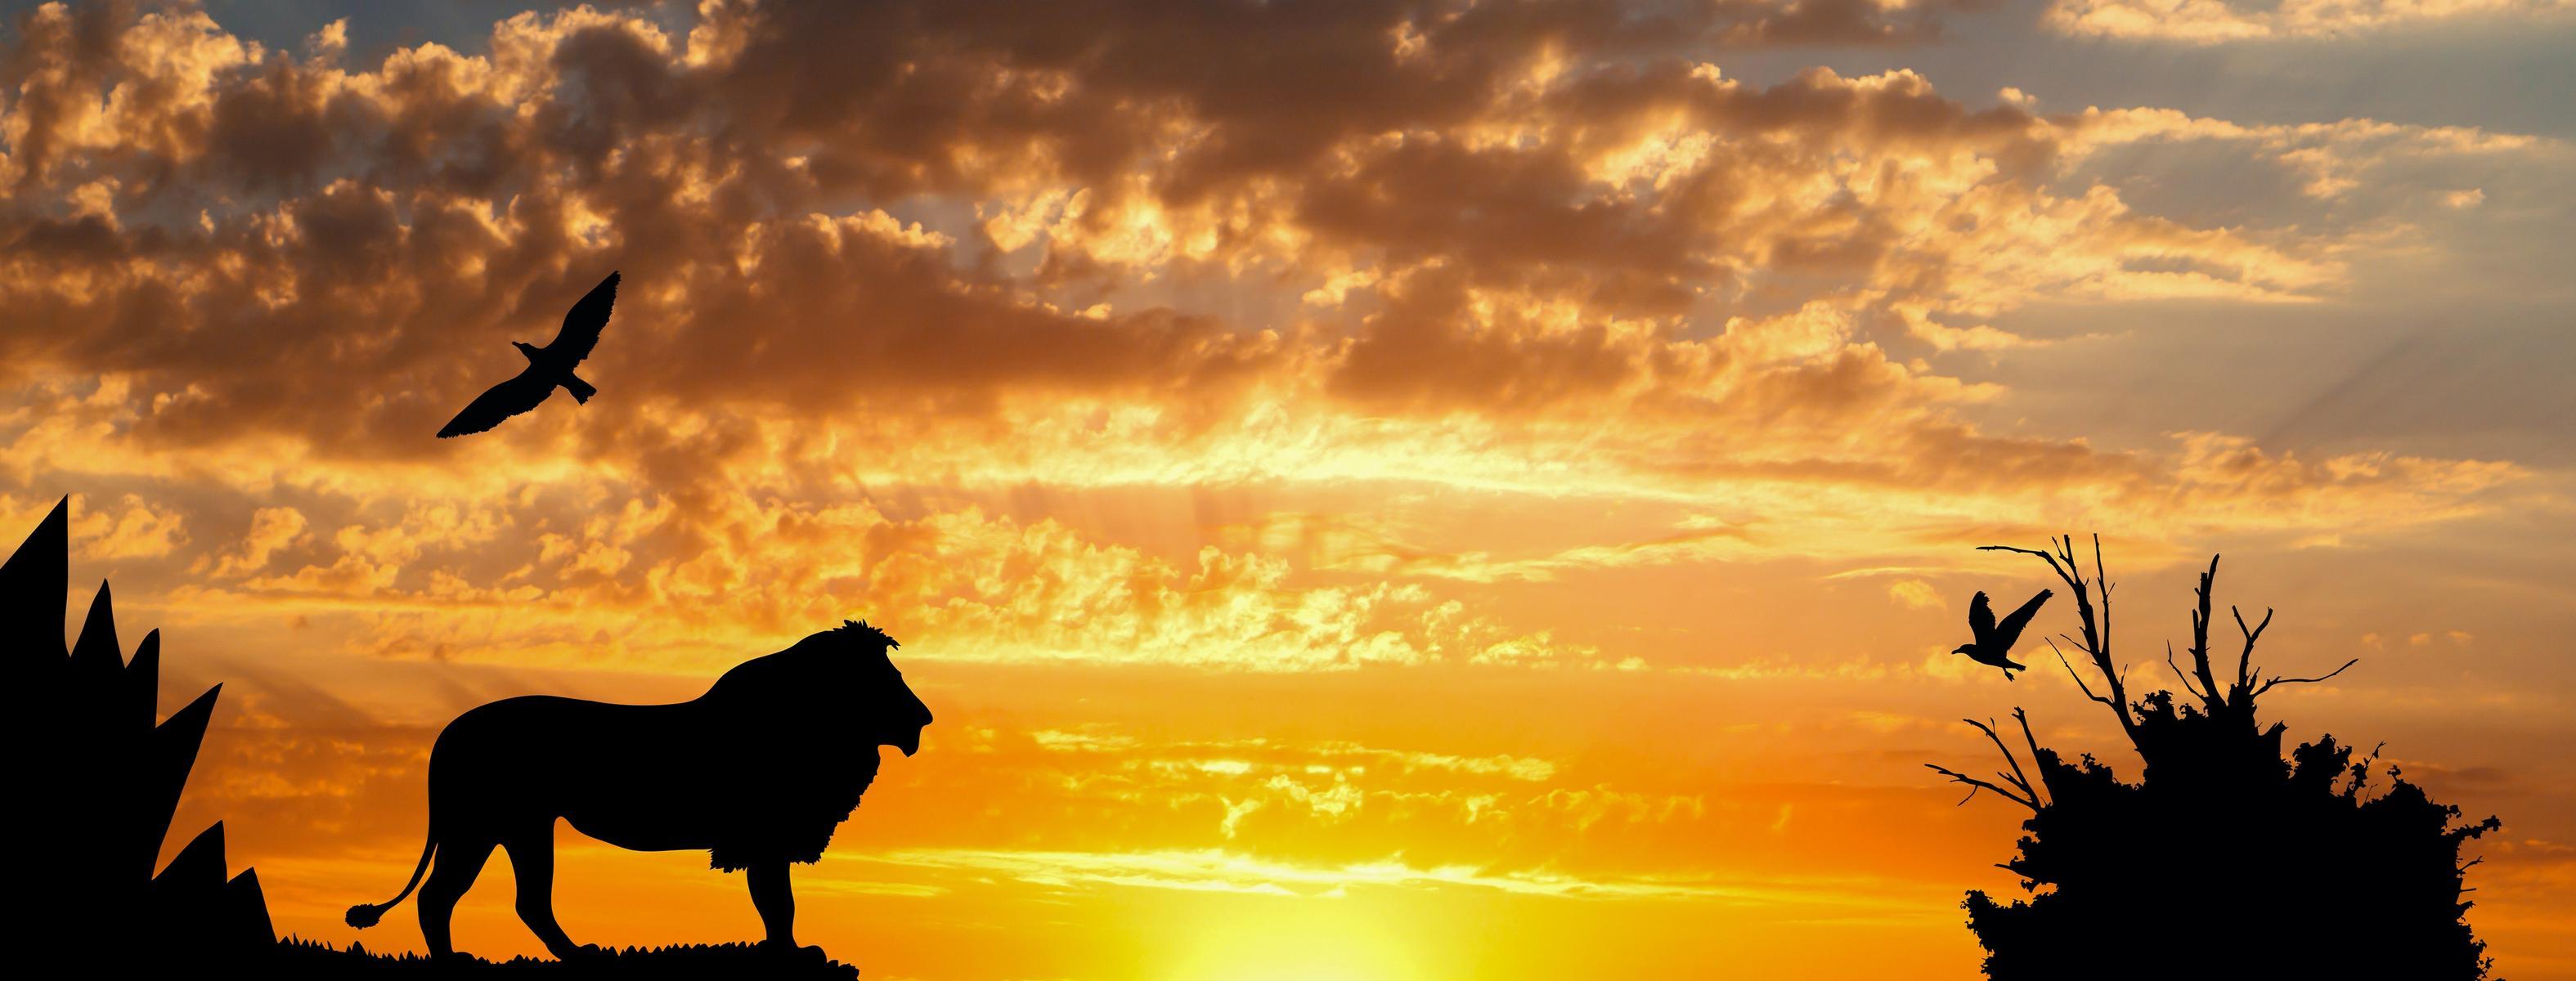 Disney Begins Casting on Live-Action 'Lion King'